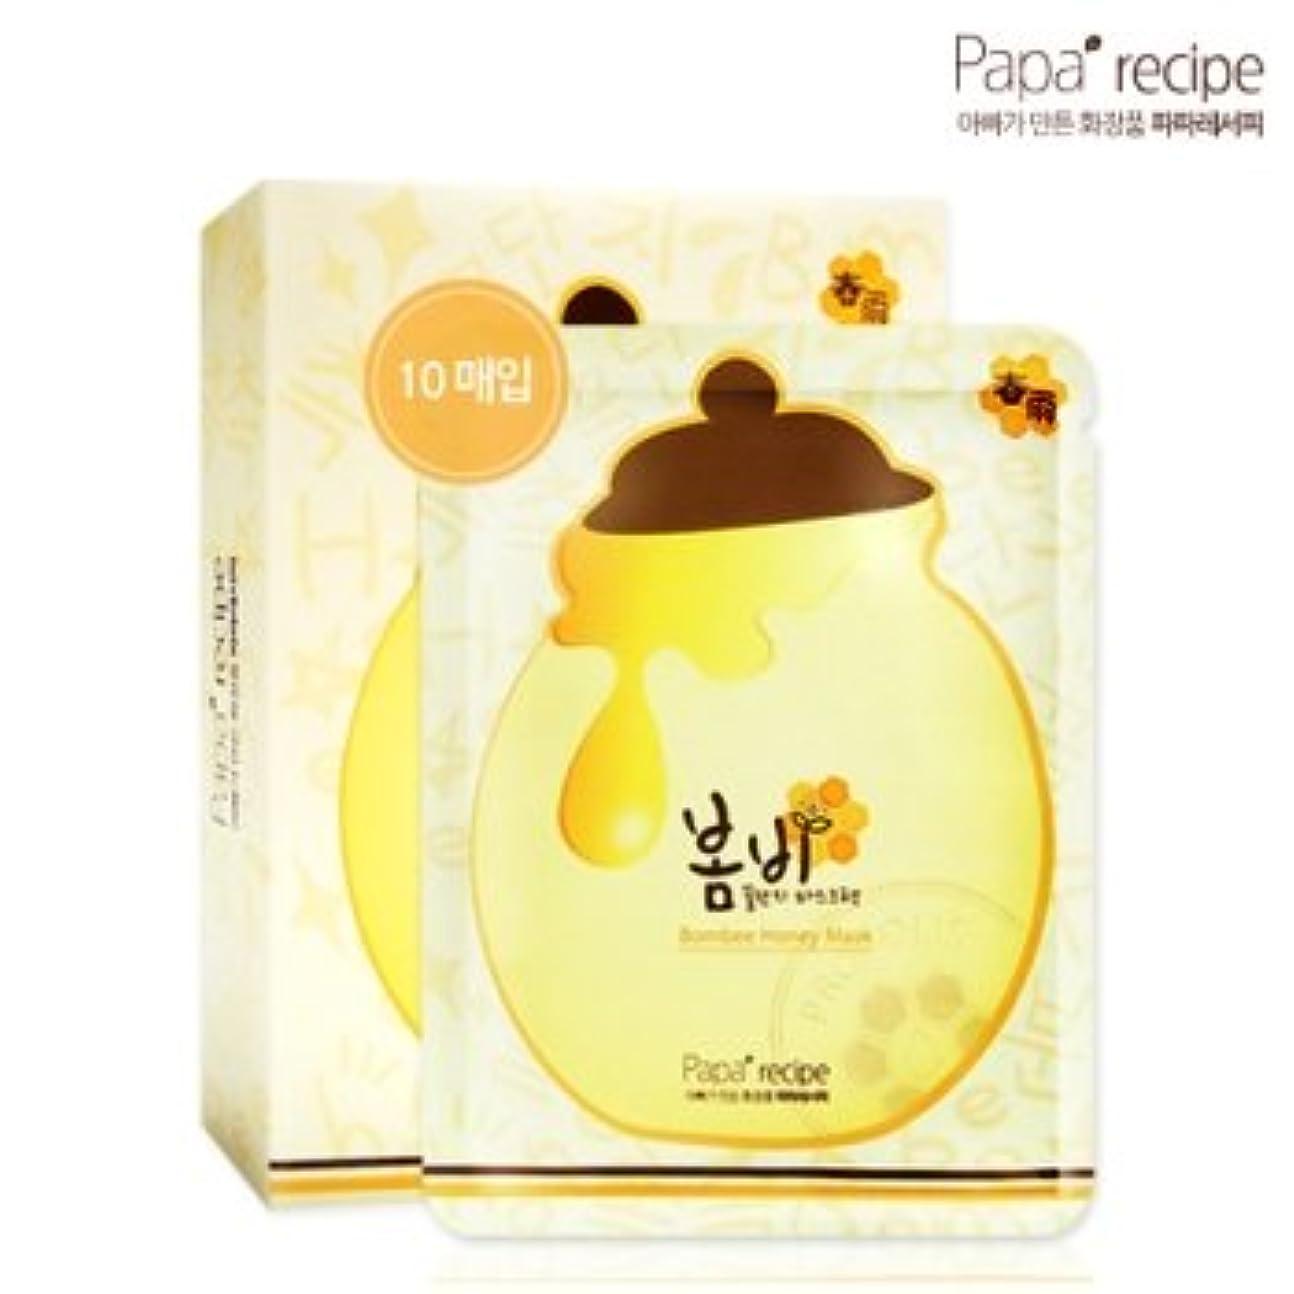 アジアアルプス作るパパレシピ(Paparecipe) 春雨蜜ツボマスクシート10枚(Paparecipe Bombee Honey Mask Sheet 10ea)[並行輸入品]